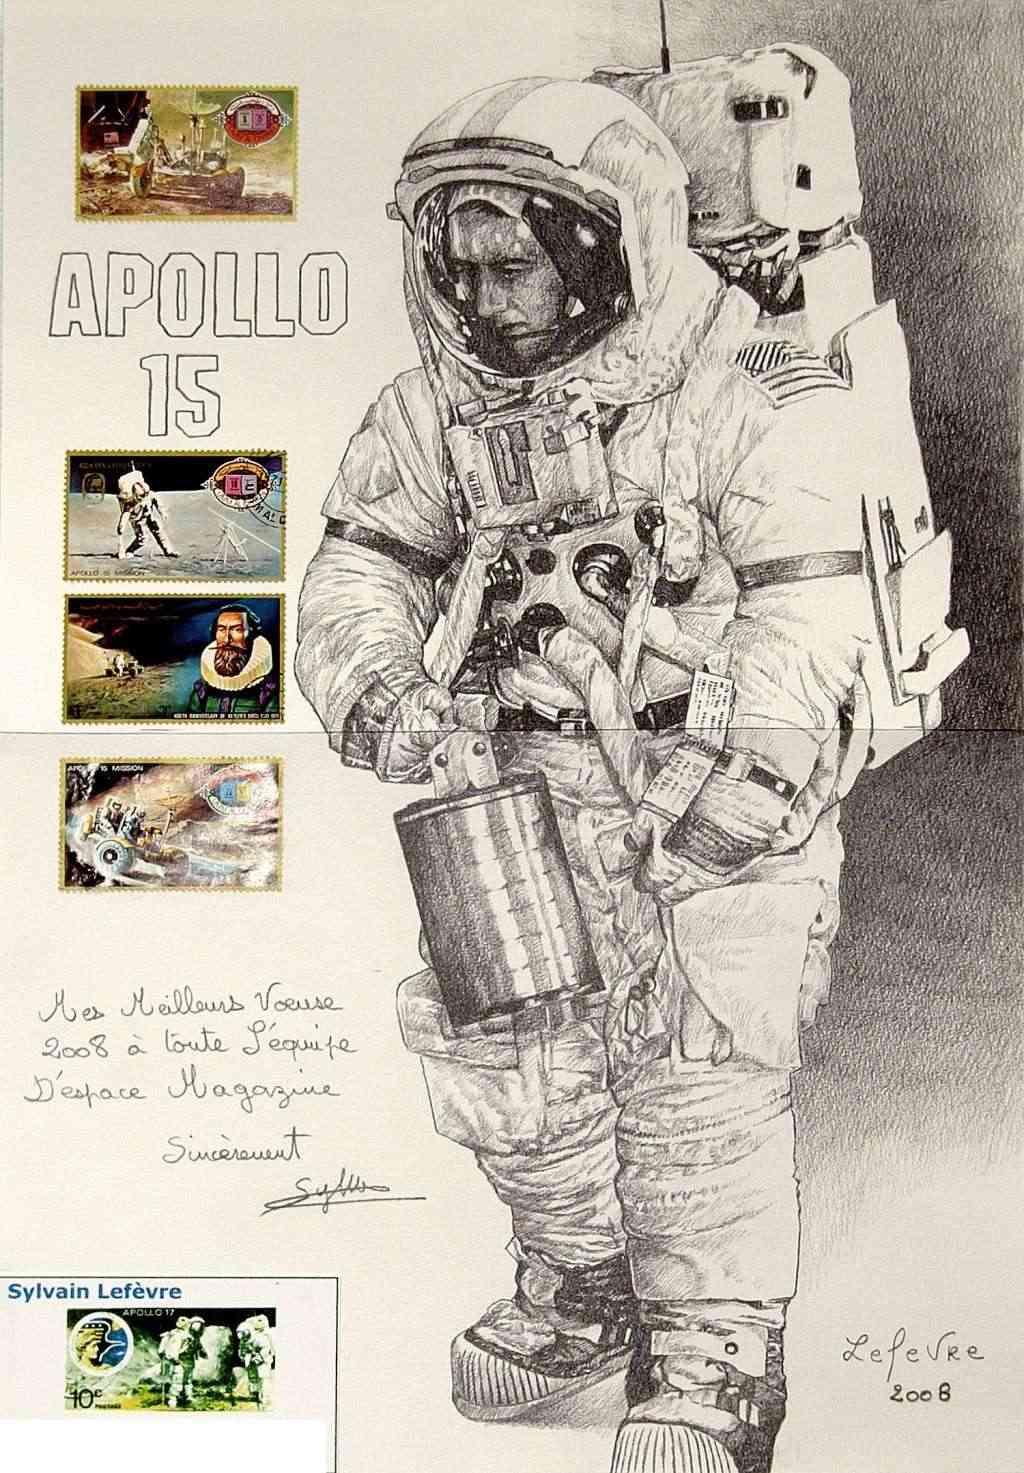 Bientôt Espace Mag' n°35 - Page 3 Dessin14